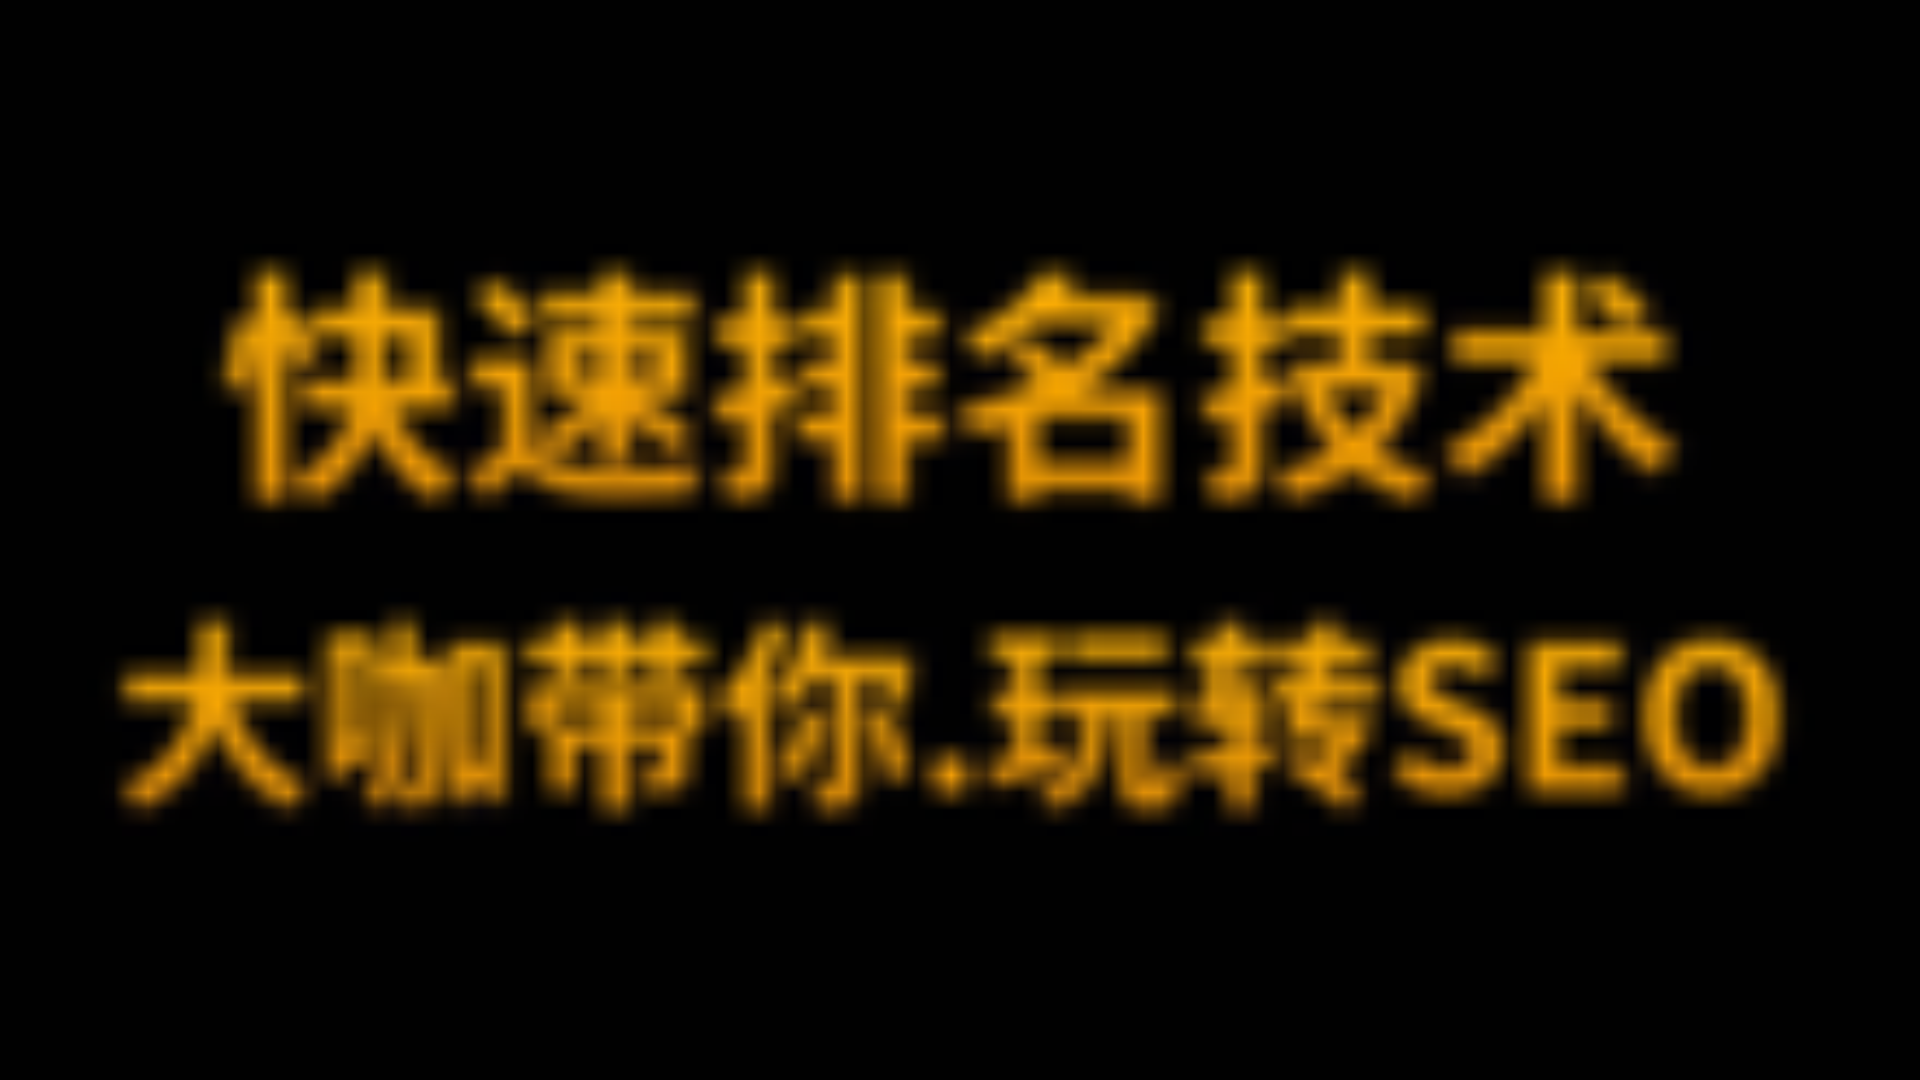 网站SEO快排教程【优化技术方法篇】